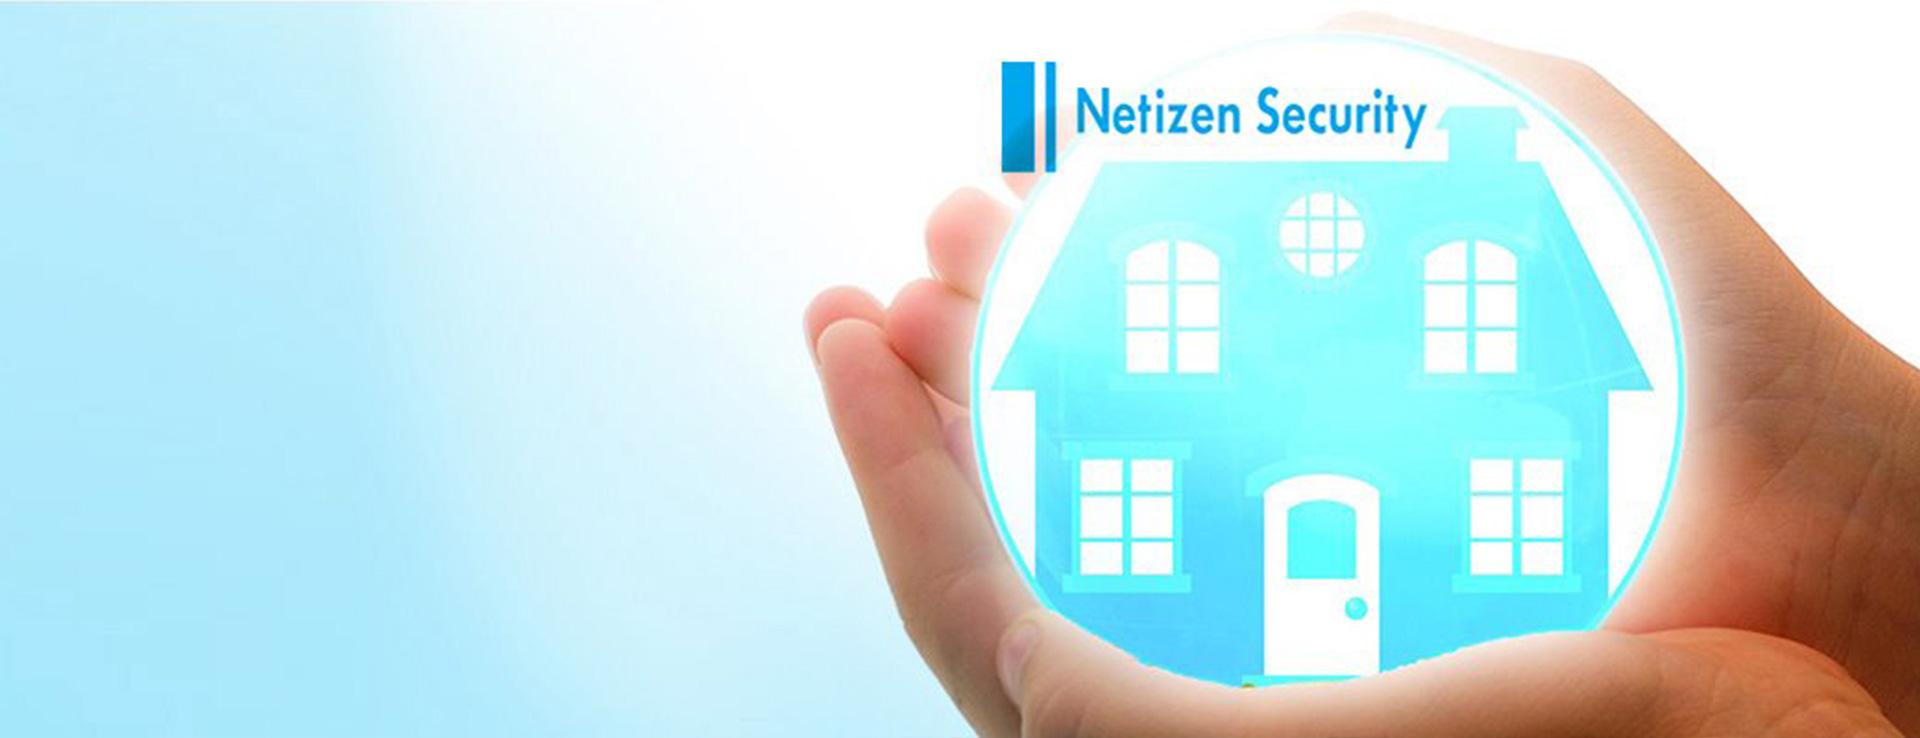 03-final-slides-netizen